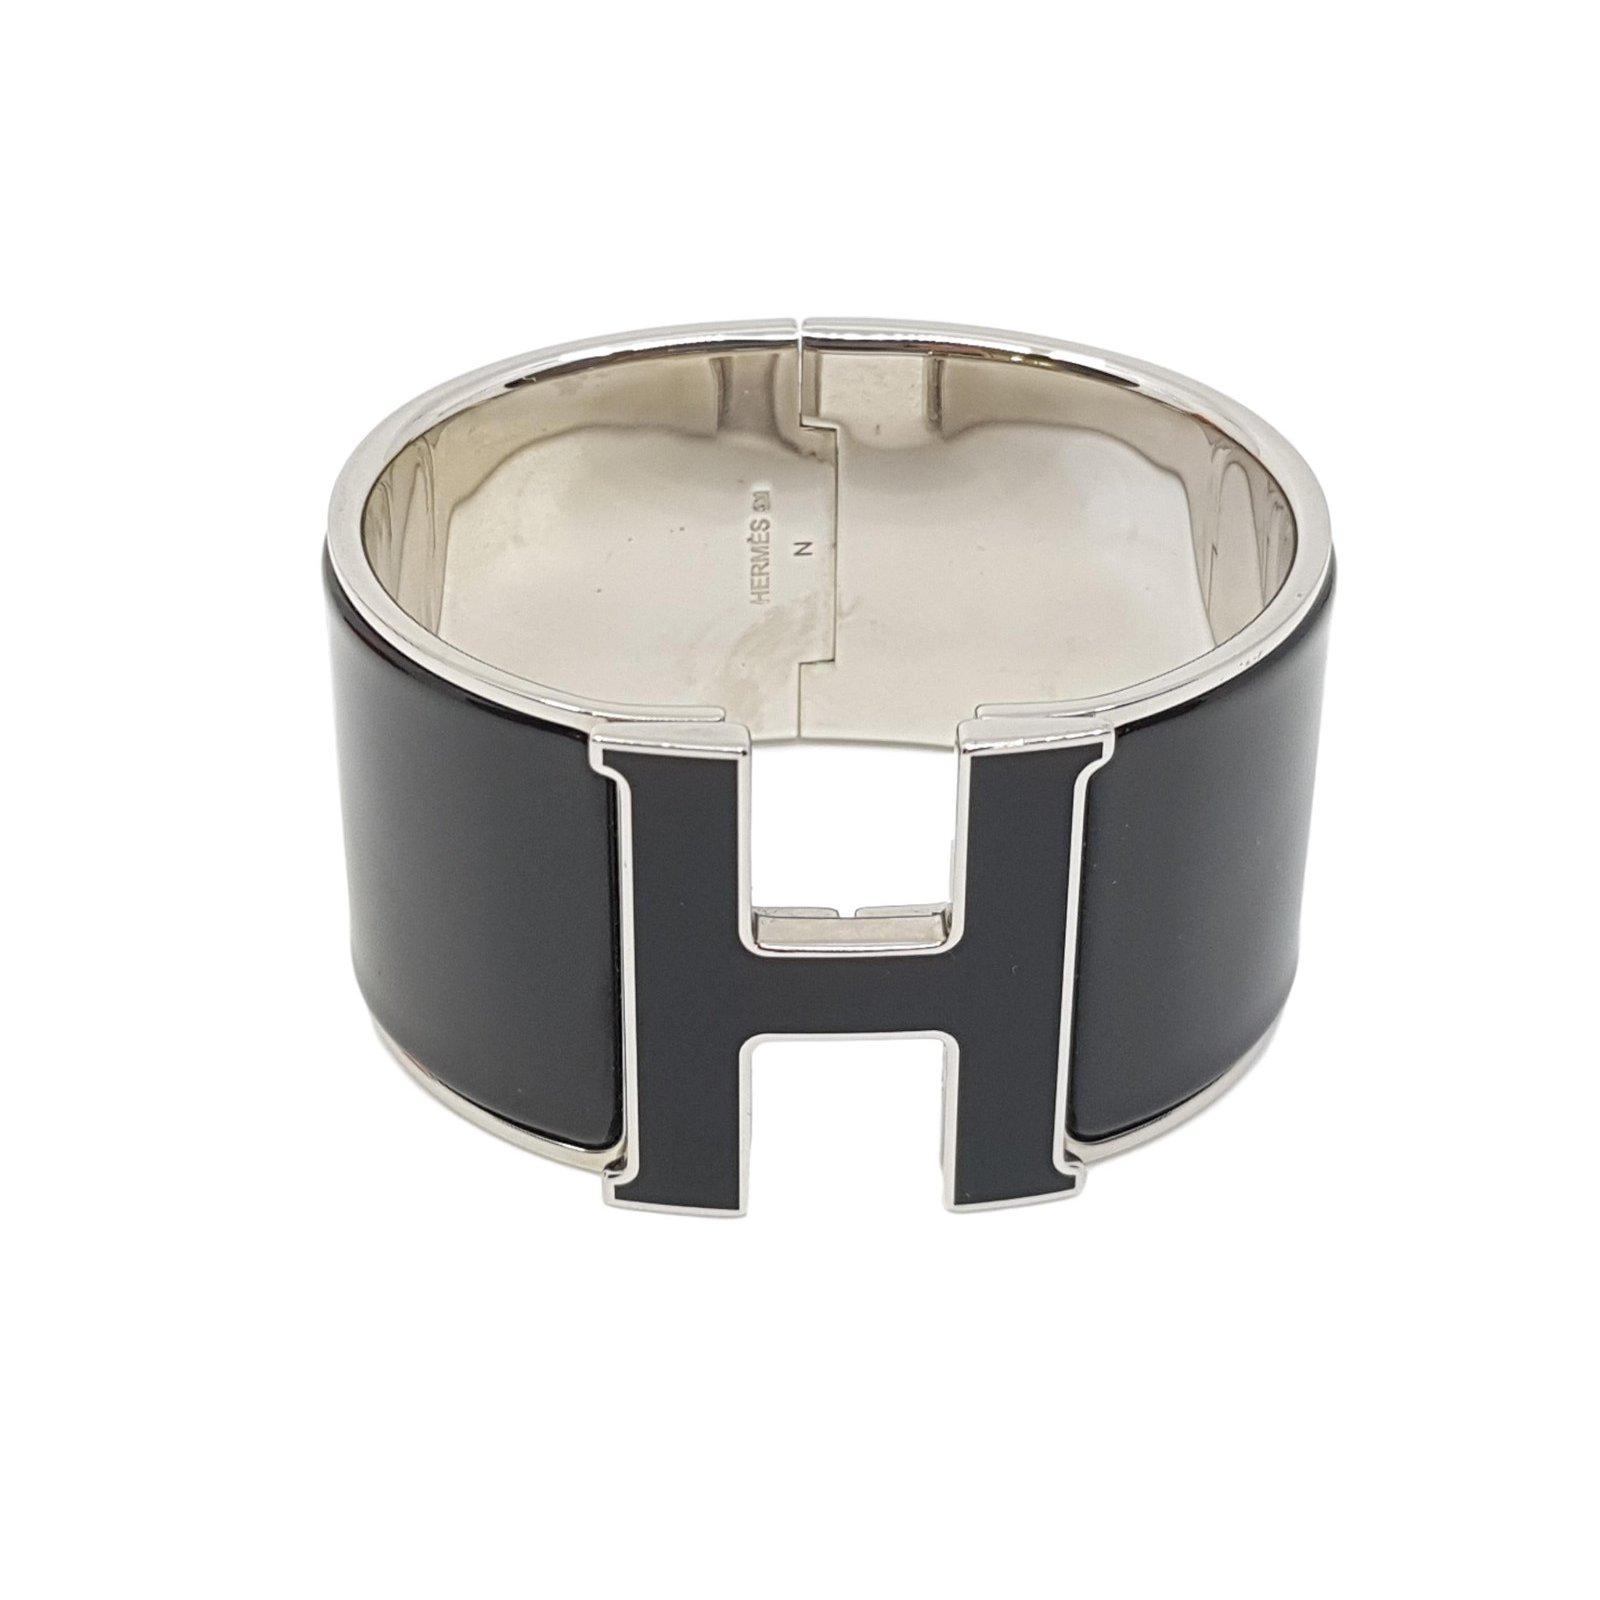 f87b1556db88 Bracelets Hermès Bracelet Clic H Autre Noir,Argenté ref.87934 - Joli ...